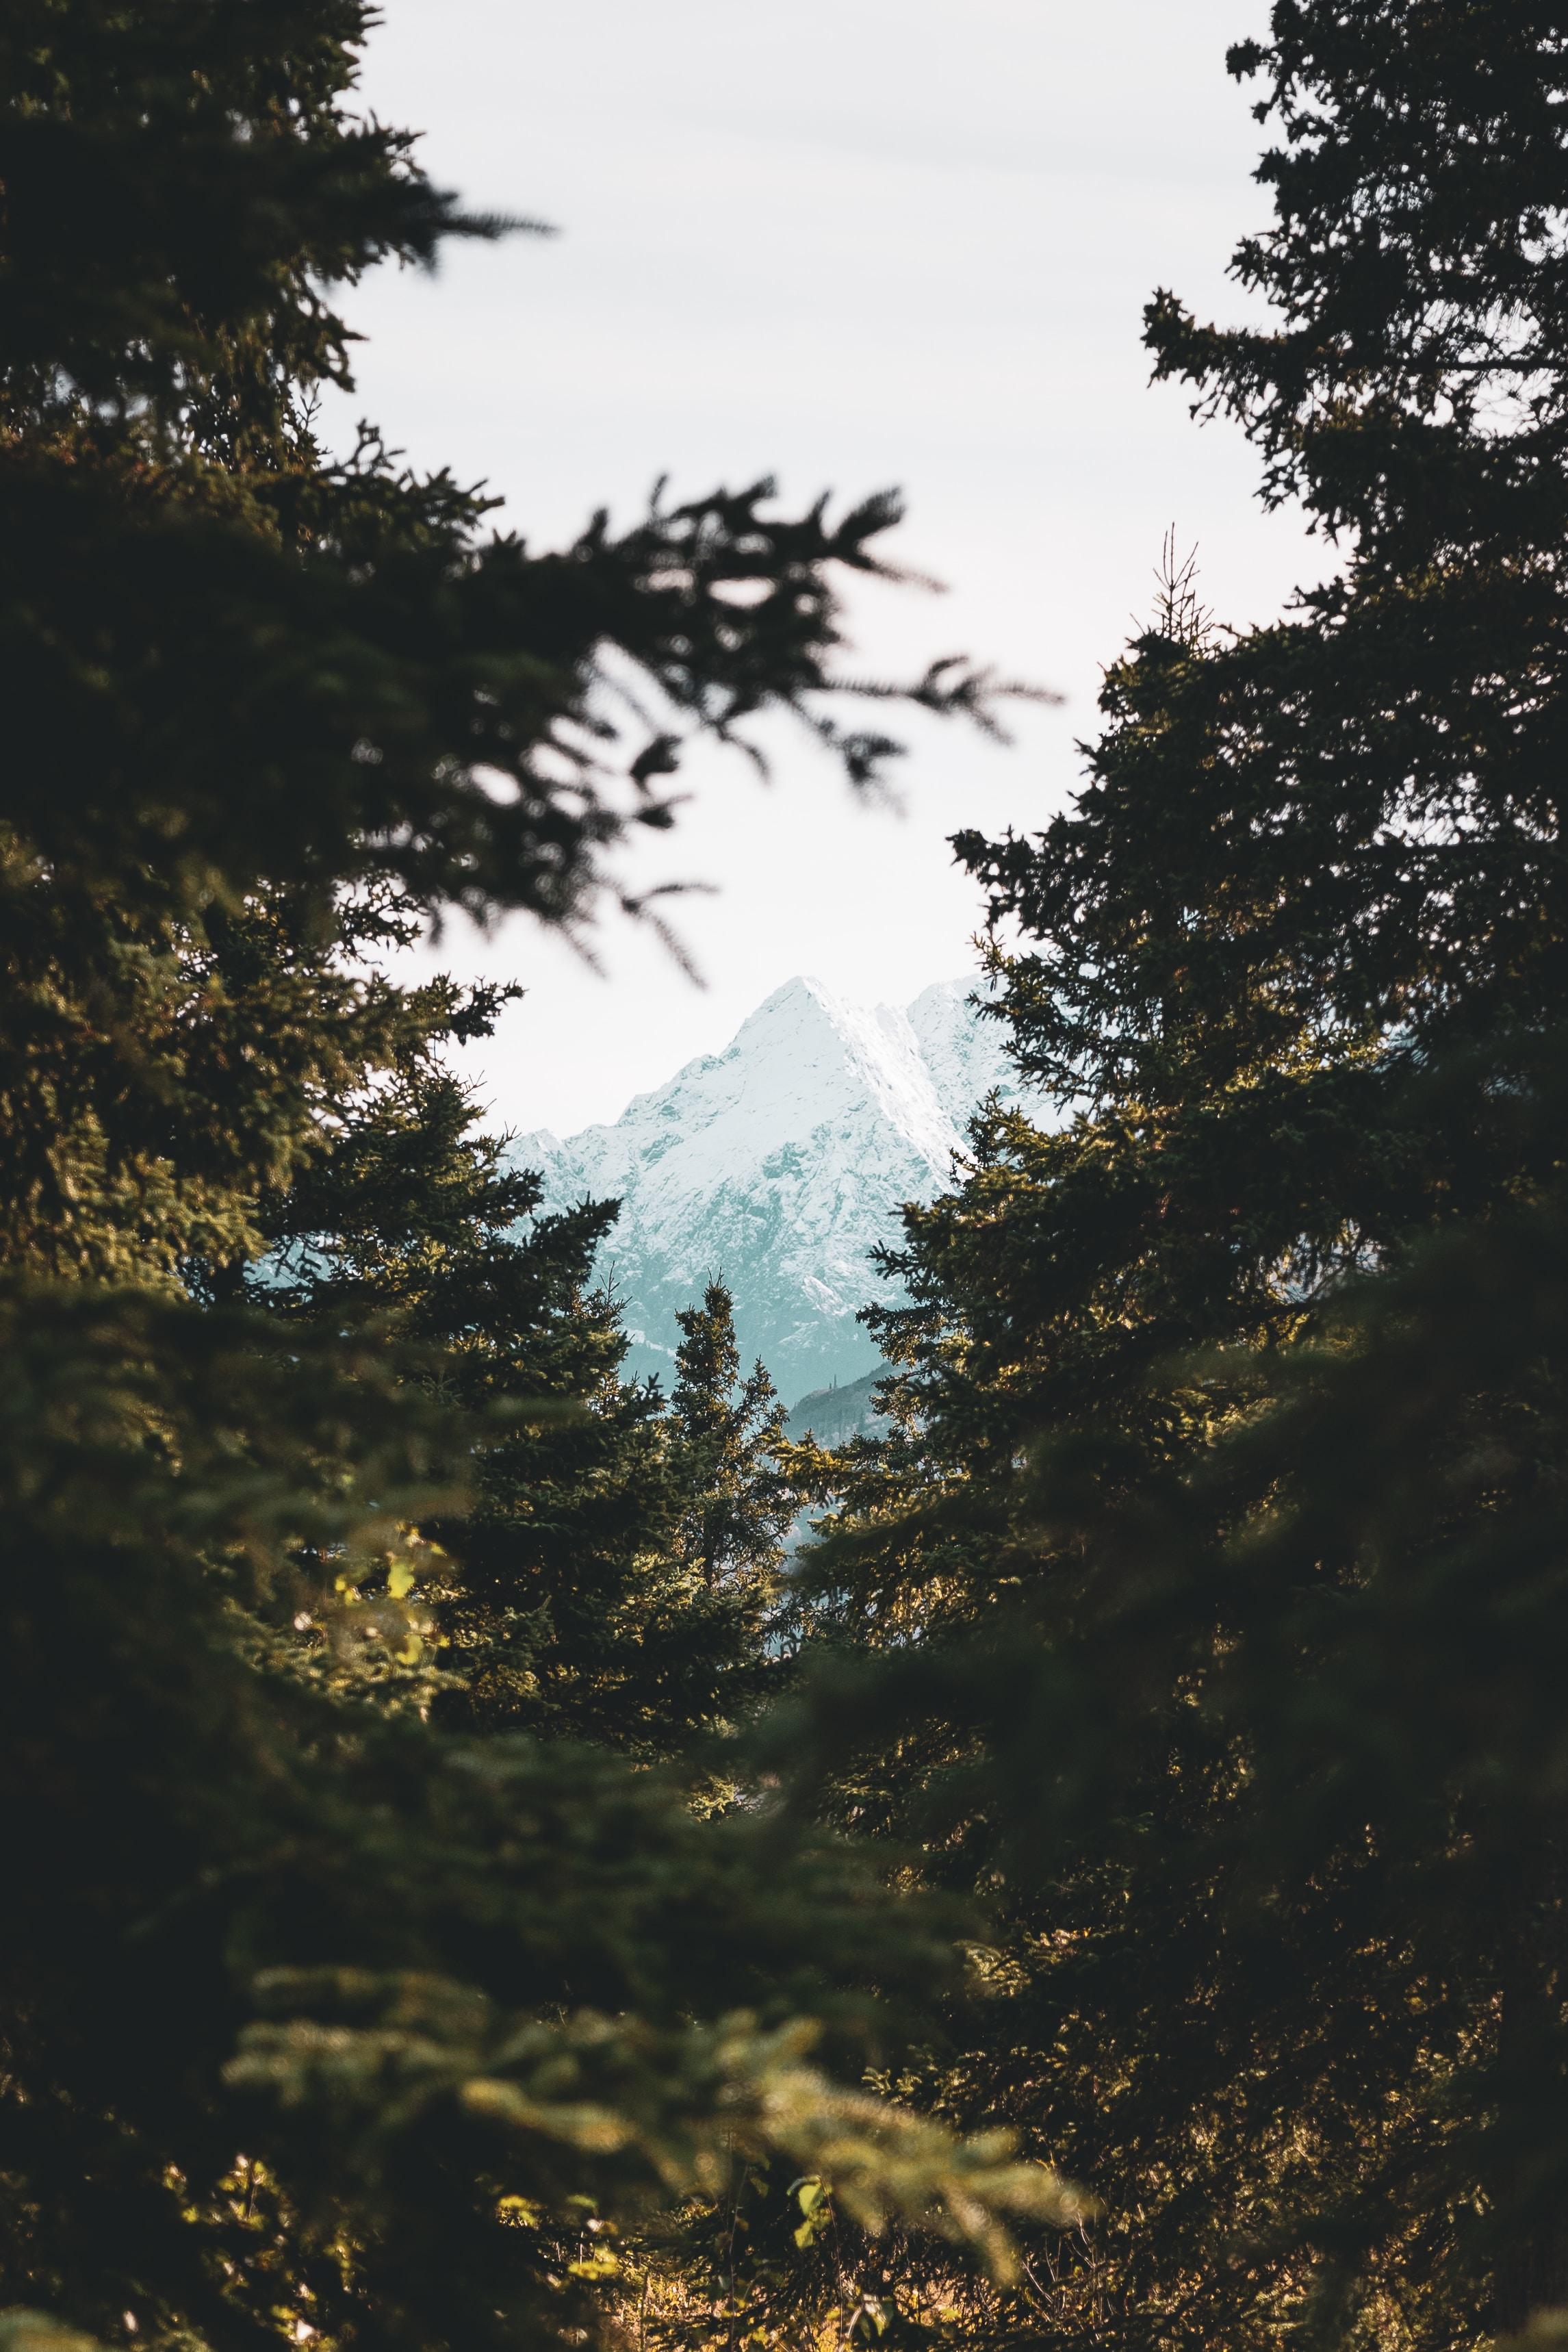 103860 скачать обои Природа, Деревья, Гора, Вершина, Лес, Сосны - заставки и картинки бесплатно